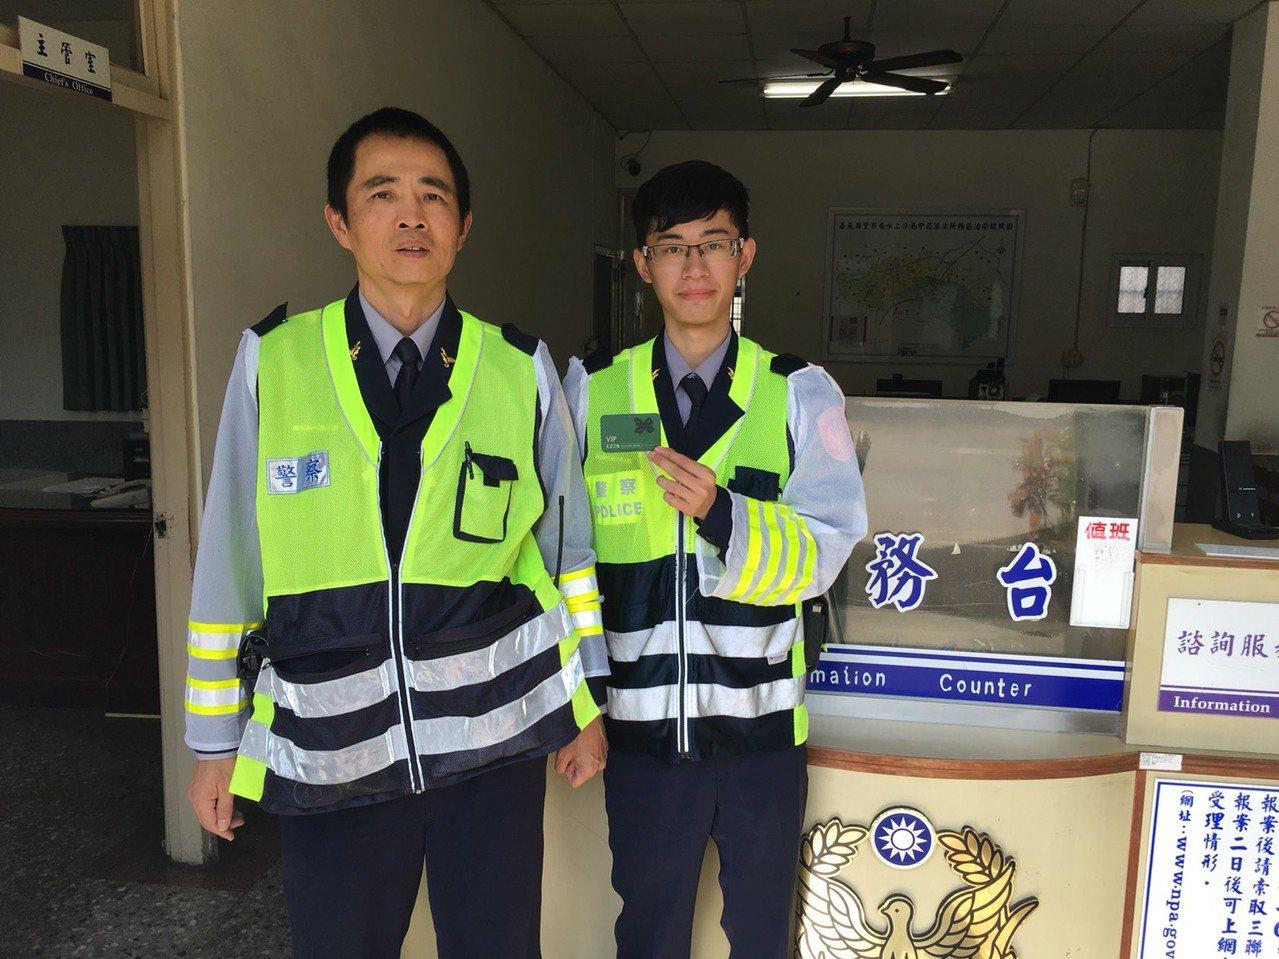 黃俊彥(左)日前帶羅鴻偉巡邏,撿到一張15年前會員卡,找到被害人抓到竊嫌。記者卜...